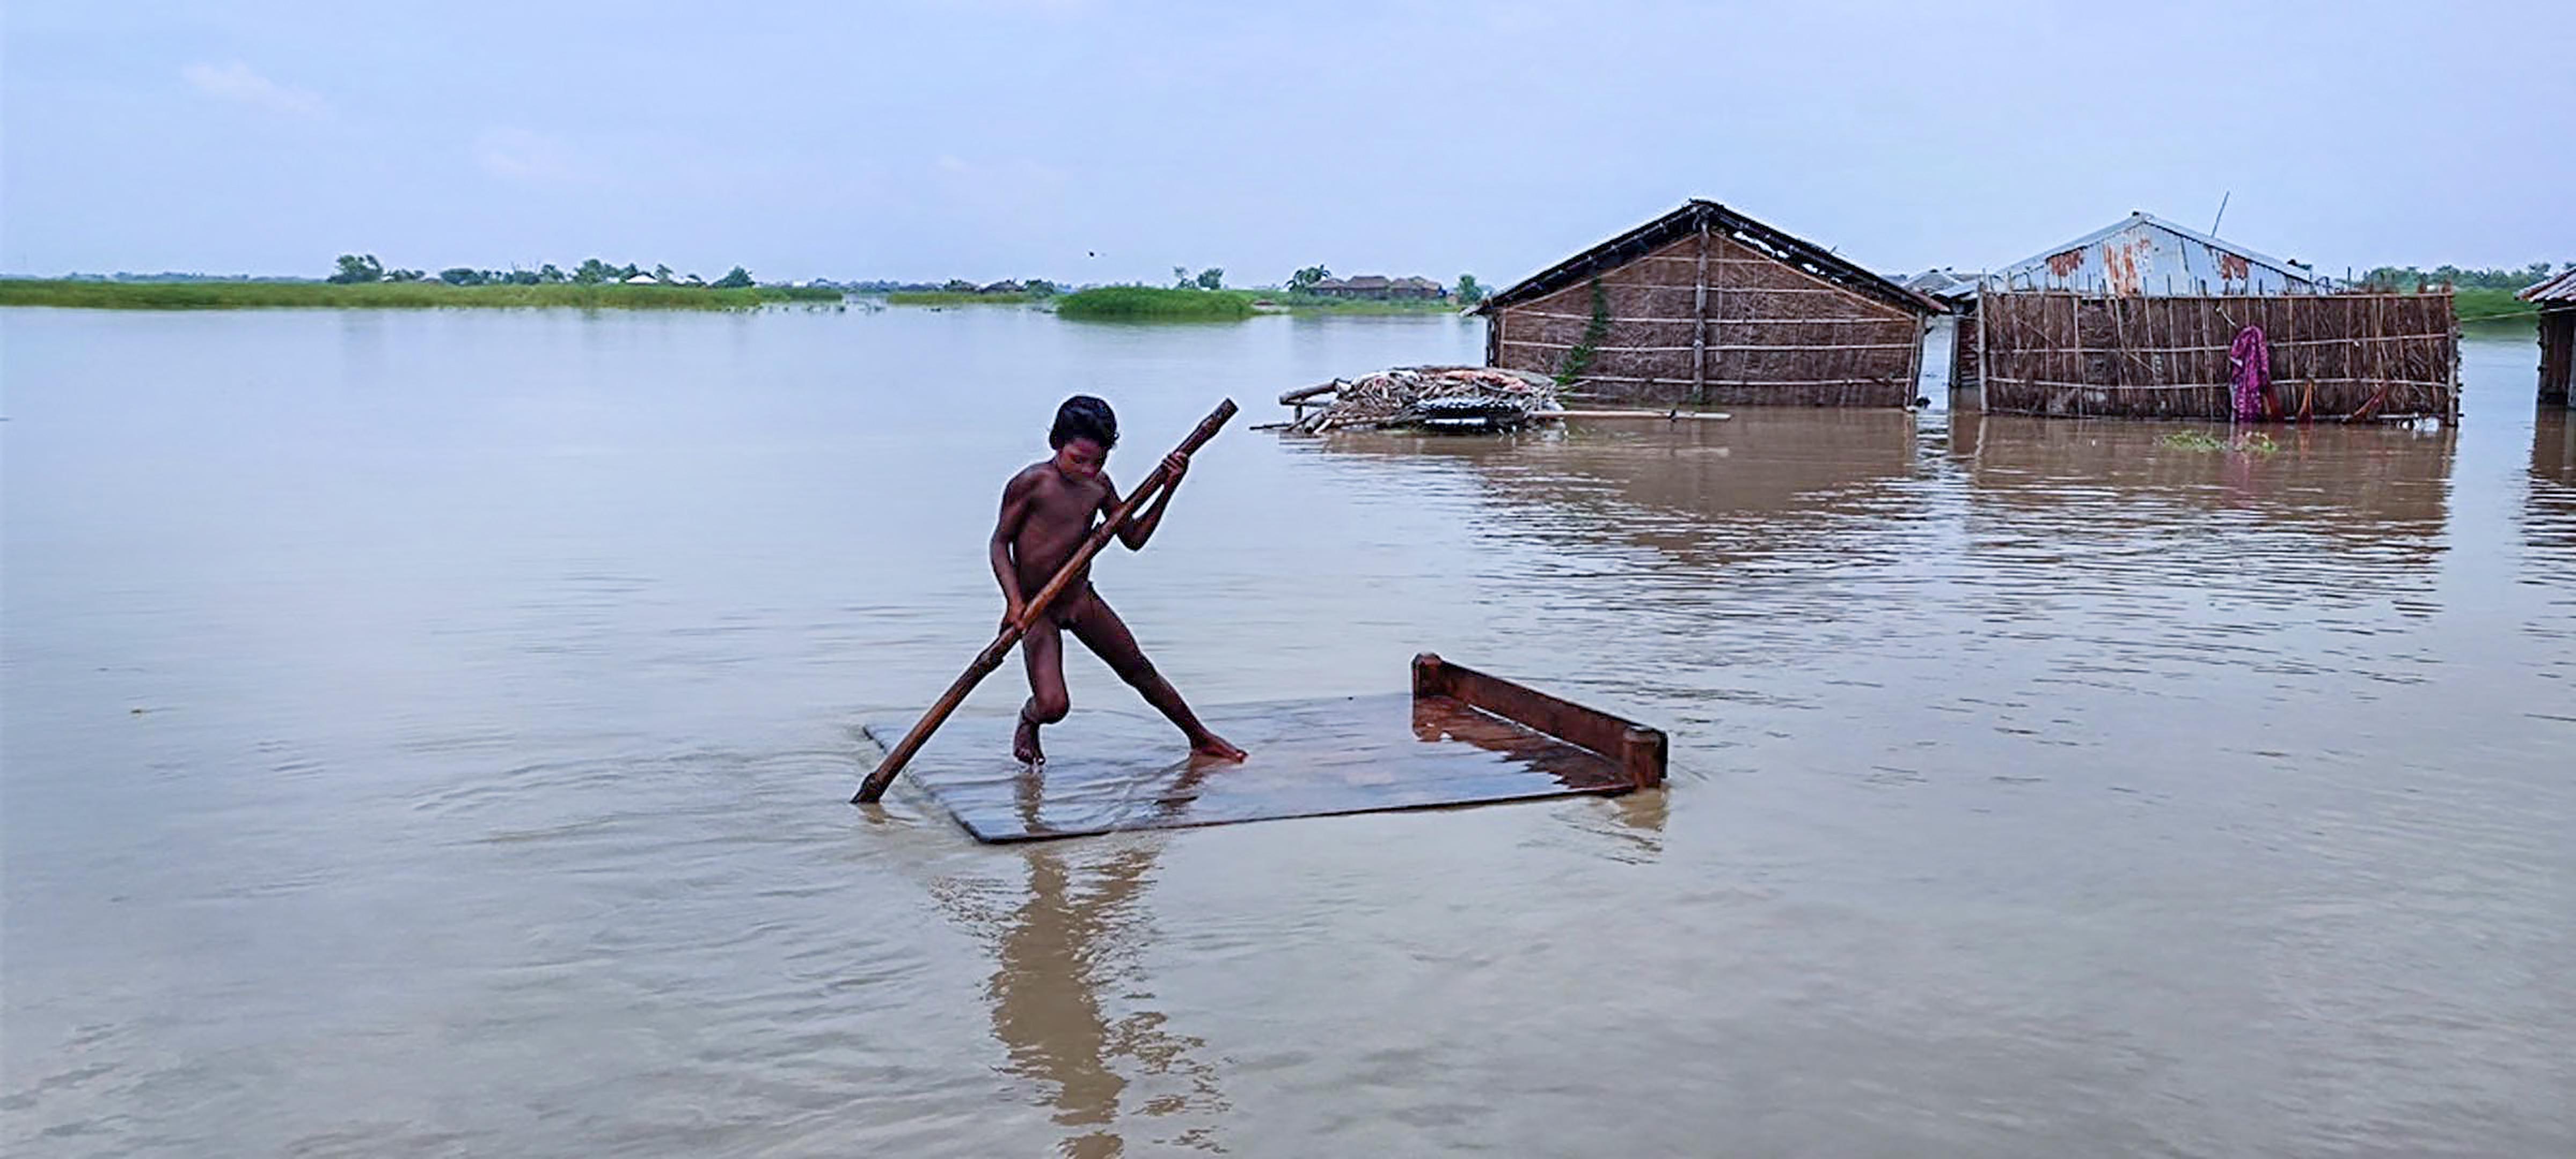 बिहार के सहरसा जिले के कई गांव बाढ़ की चपेट में हैं। बाढ़-पानी के बीच लकड़ी के पटिये पर सवार बच्चा।